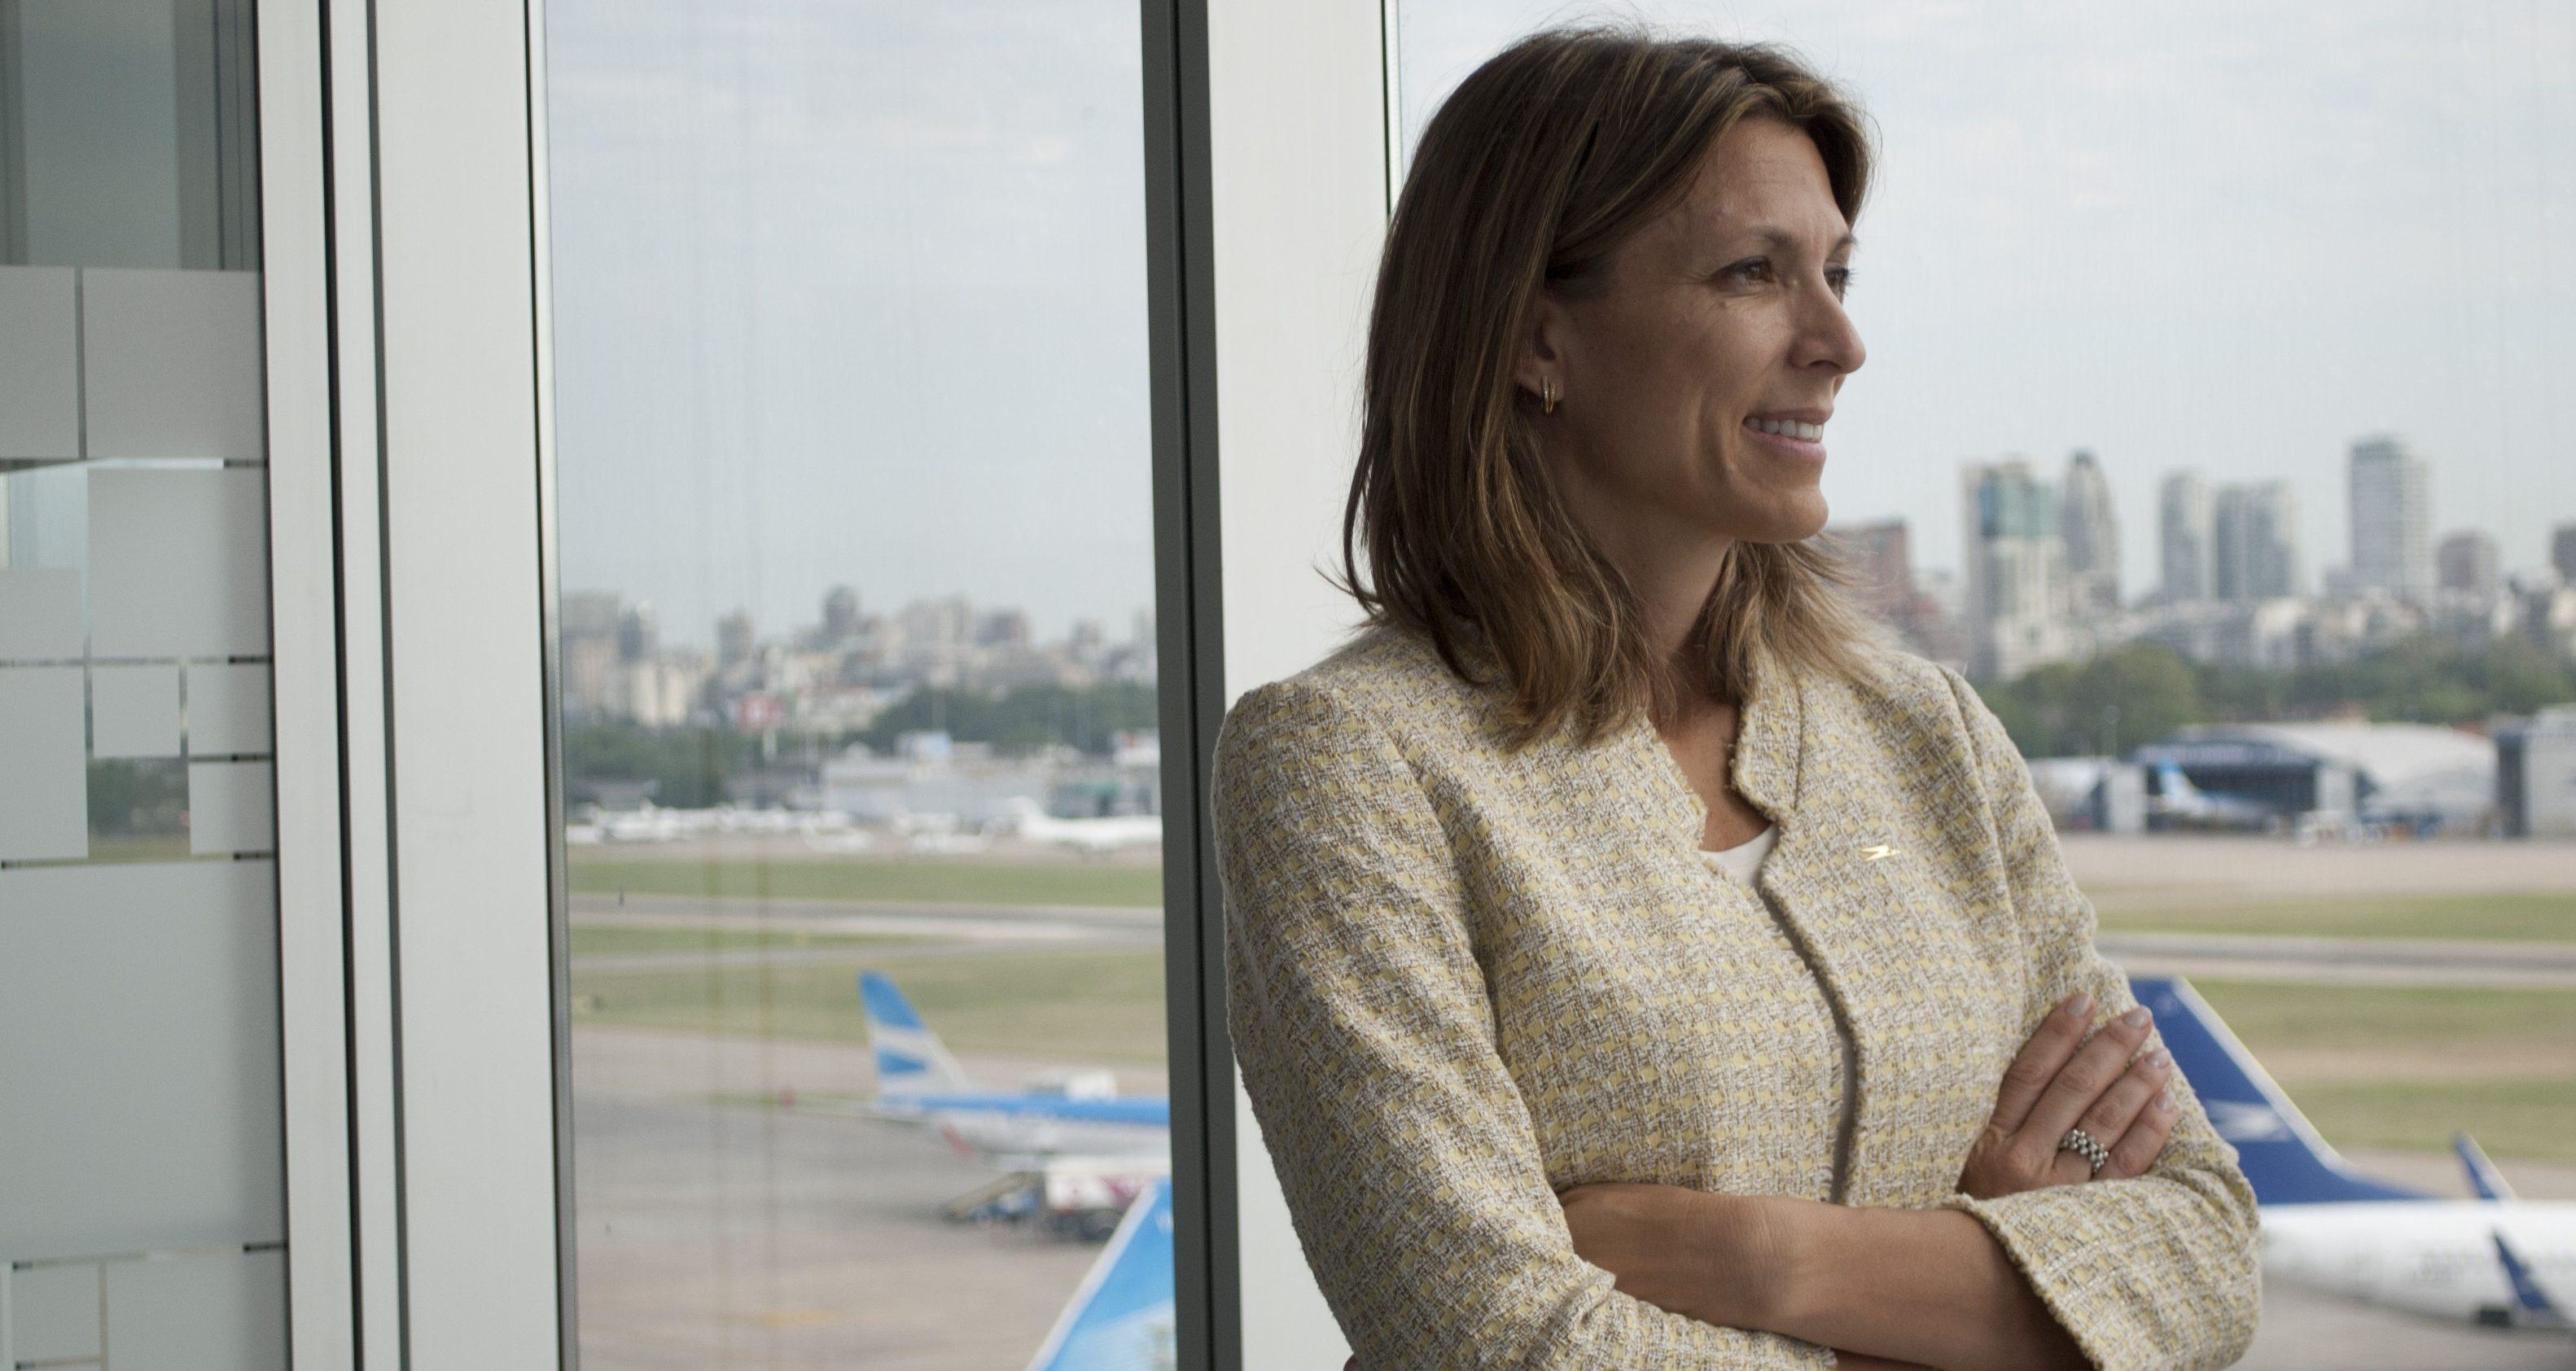 «Aerolíneas Argentinas es más que viable si se la maneja correctamente» Isela Constantini